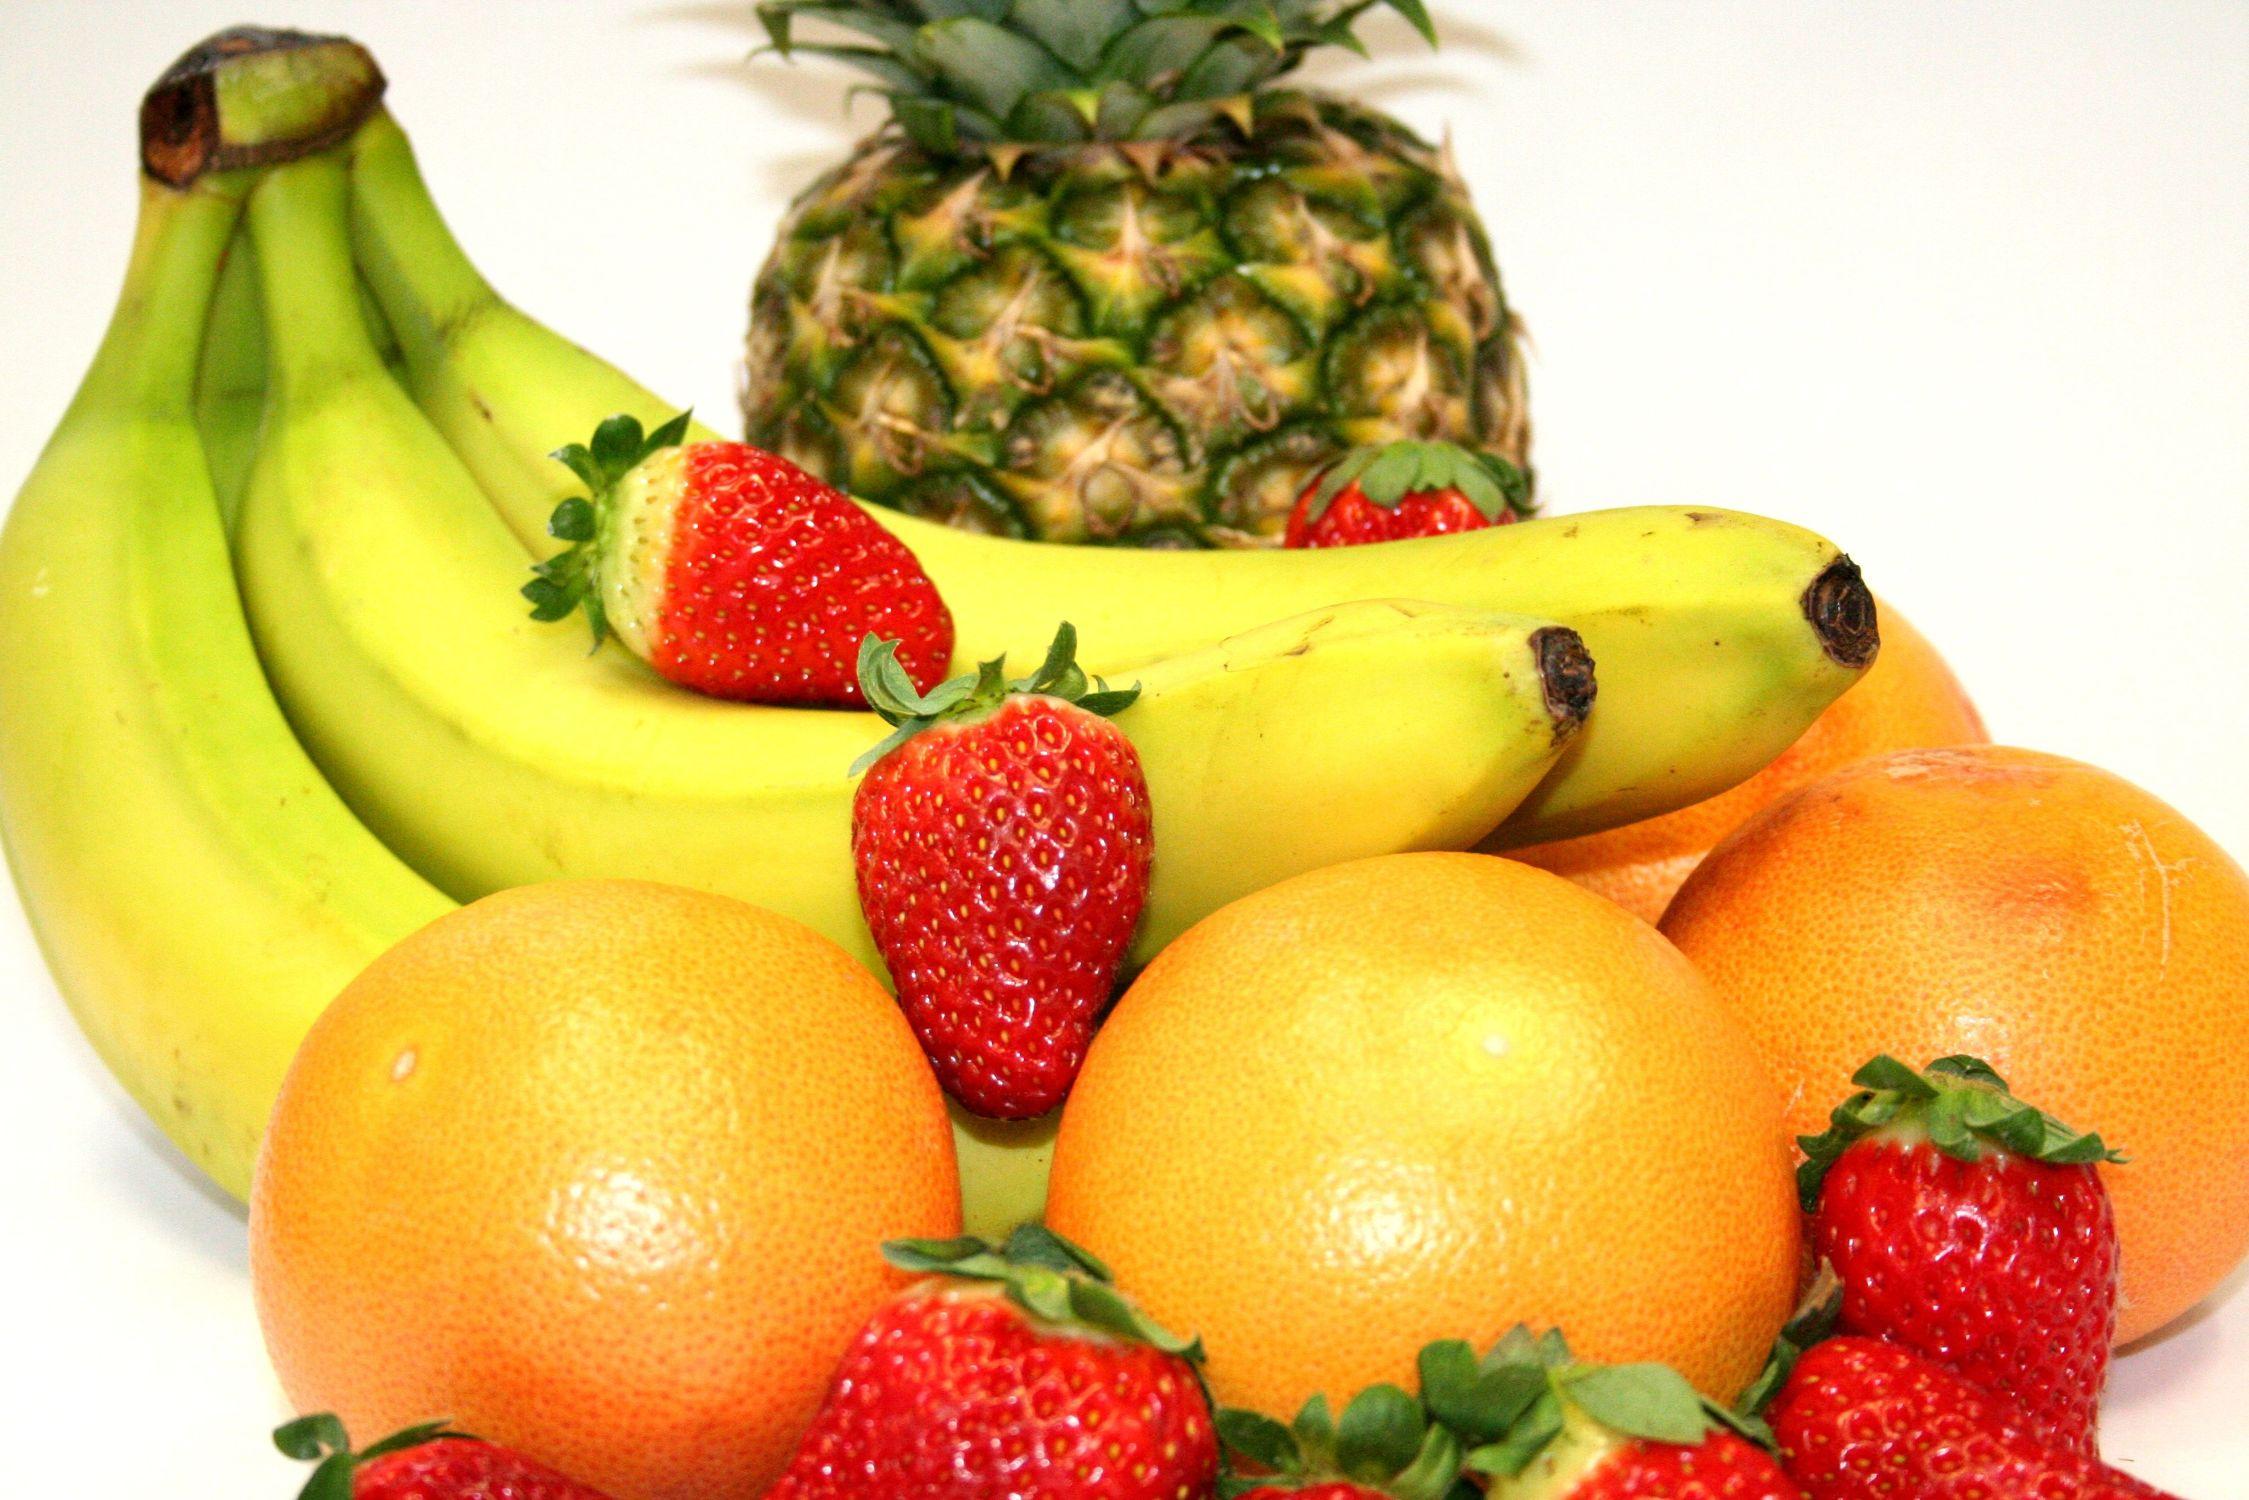 Bild mit Gegenstände, Natur, Pflanzen, Früchte, Lebensmittel, Essen, Bananen, Ananas, Banane, Erdbeere, Erdbeeren, Küchenbild, Küchenbilder, Küche